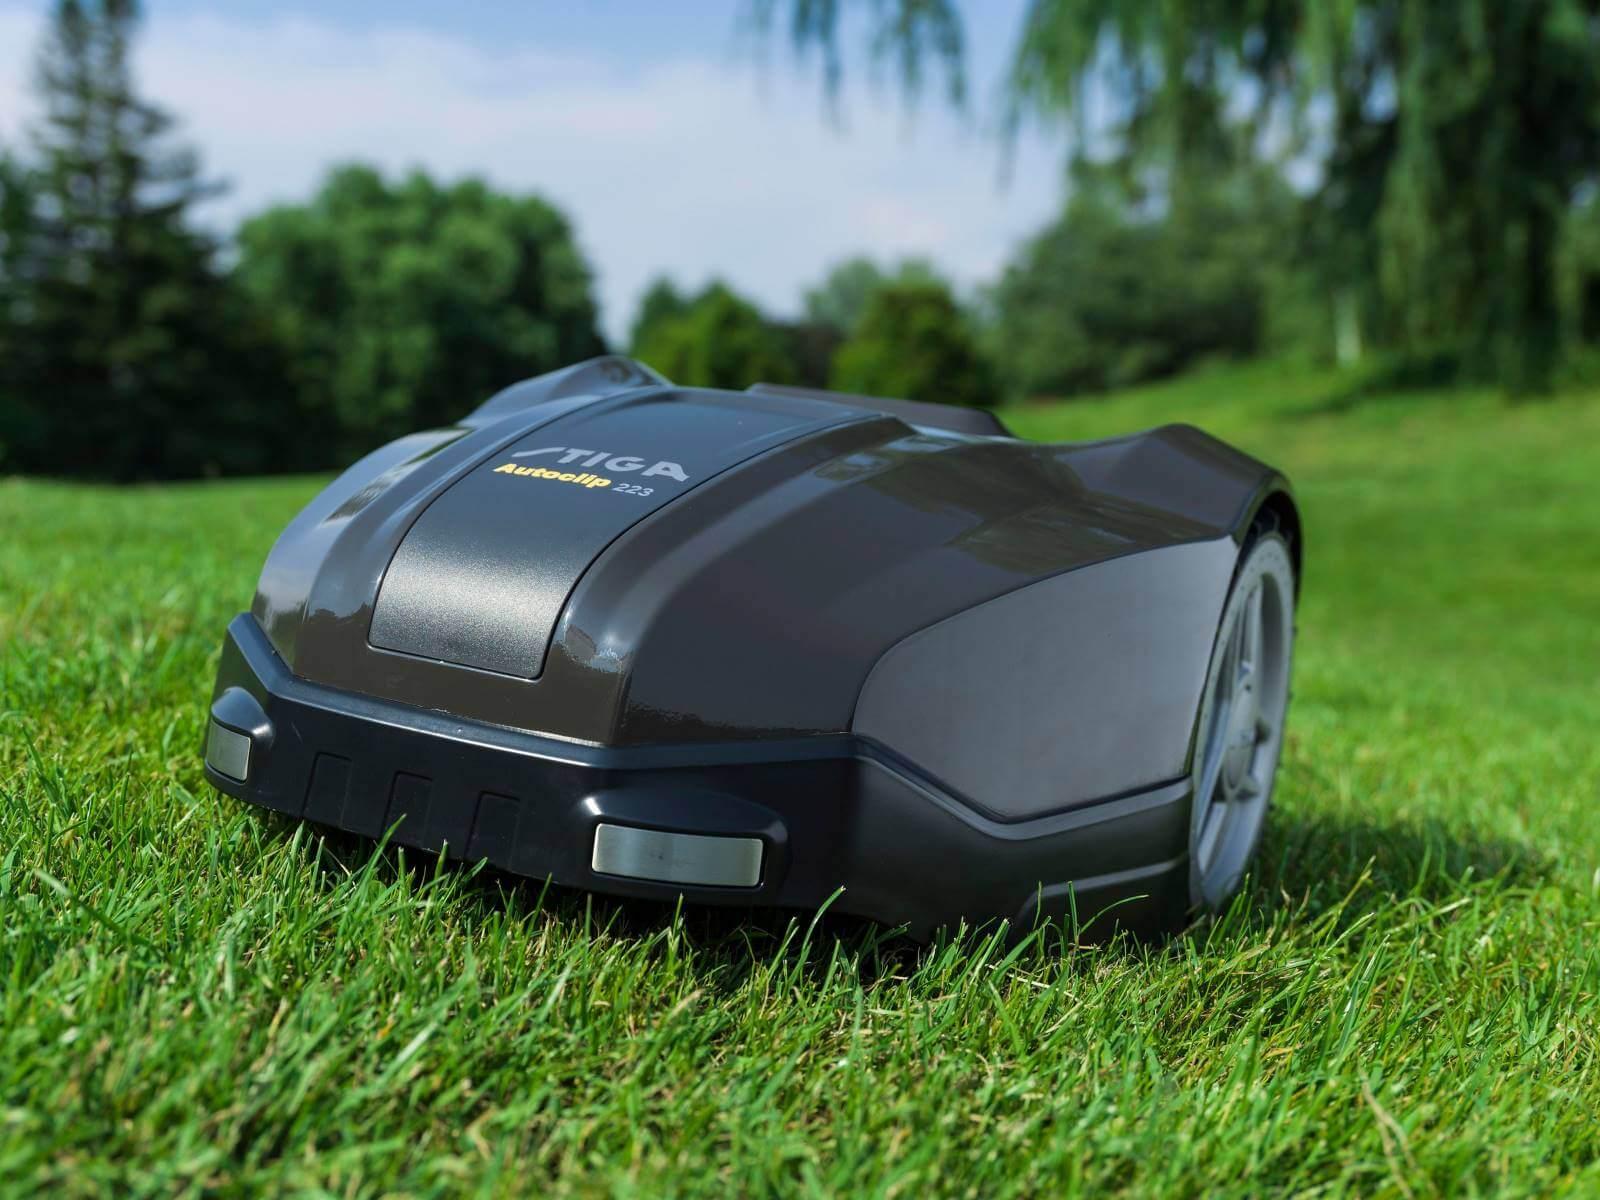 rasenroboter galabau m hler m hroboter automower stiga. Black Bedroom Furniture Sets. Home Design Ideas